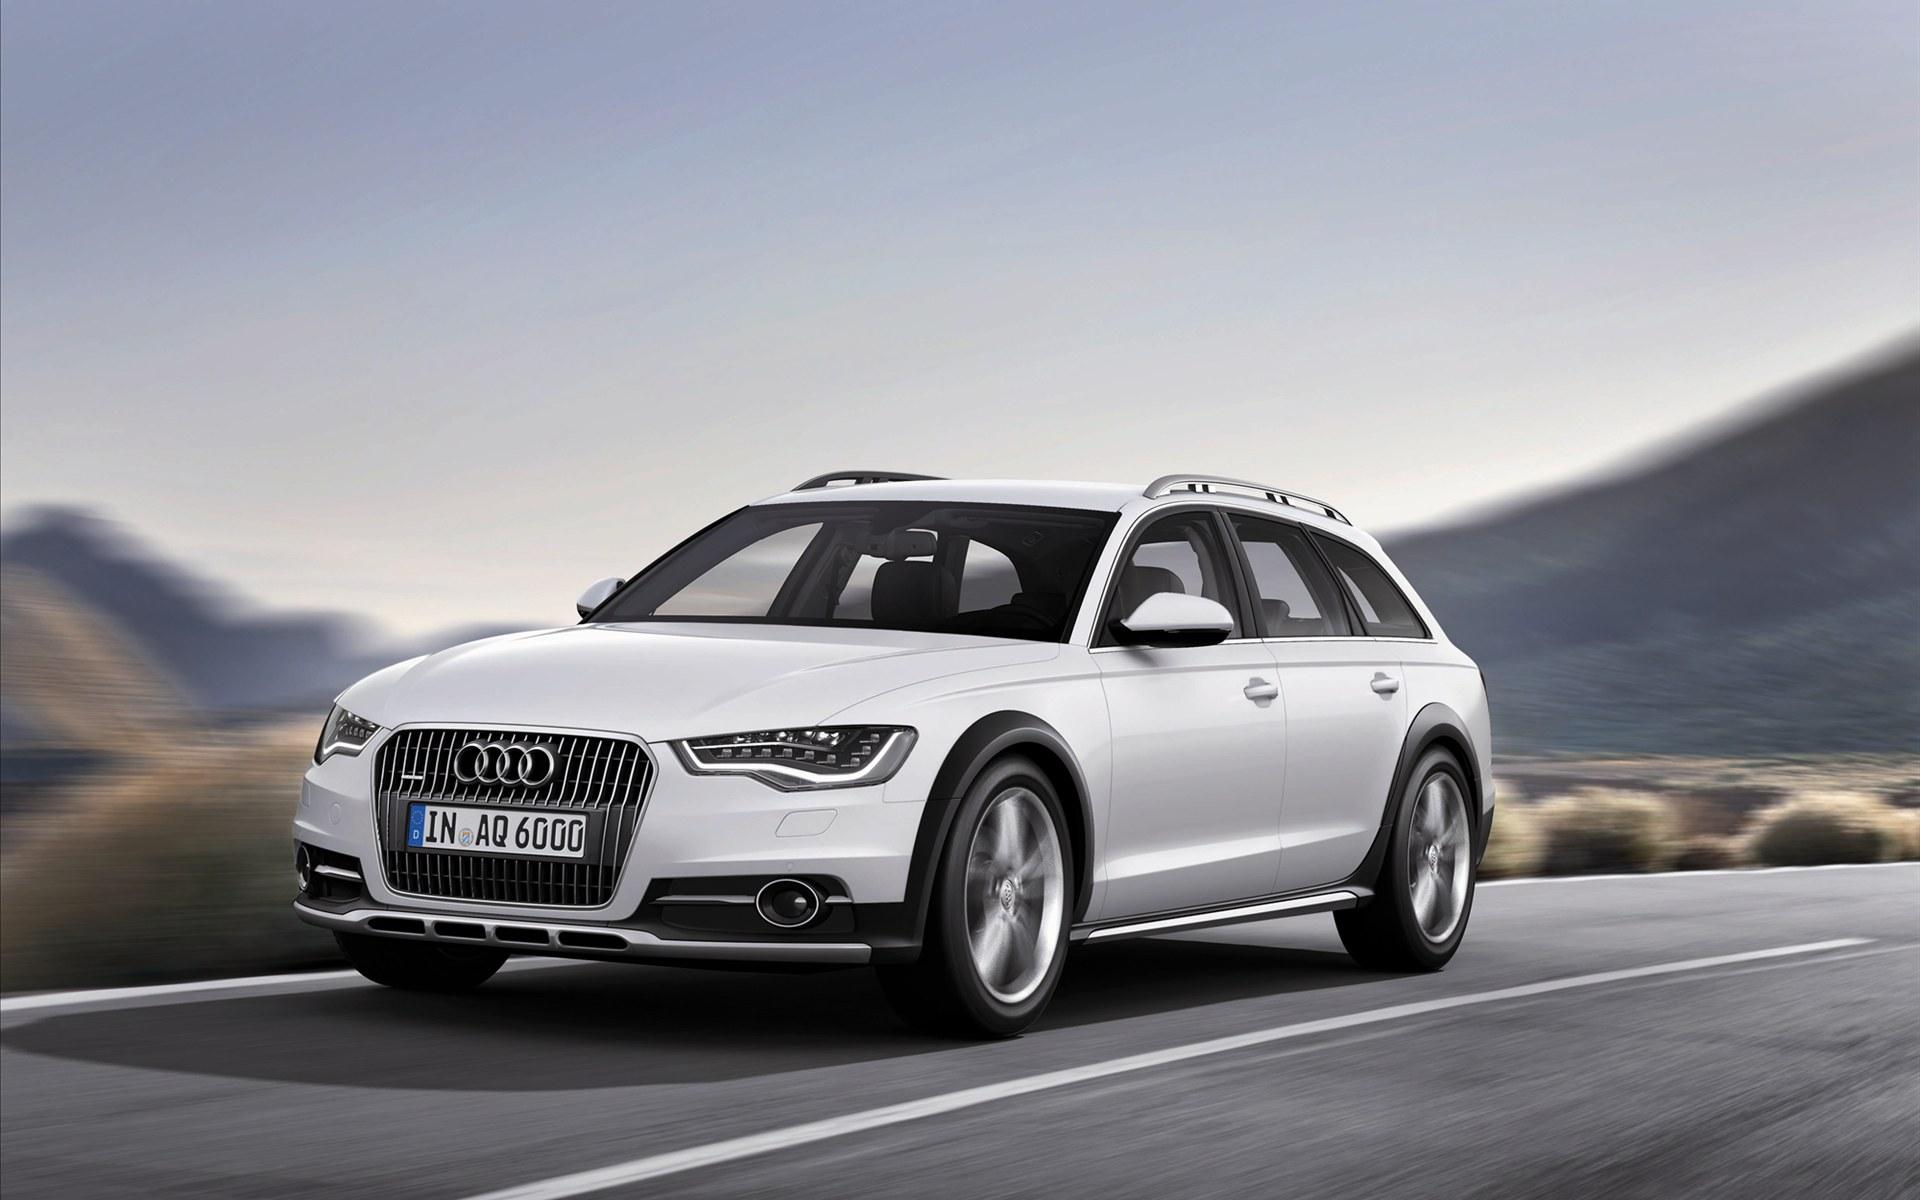 Audi a6 quattro 2012 wallpaper hd car wallpapers